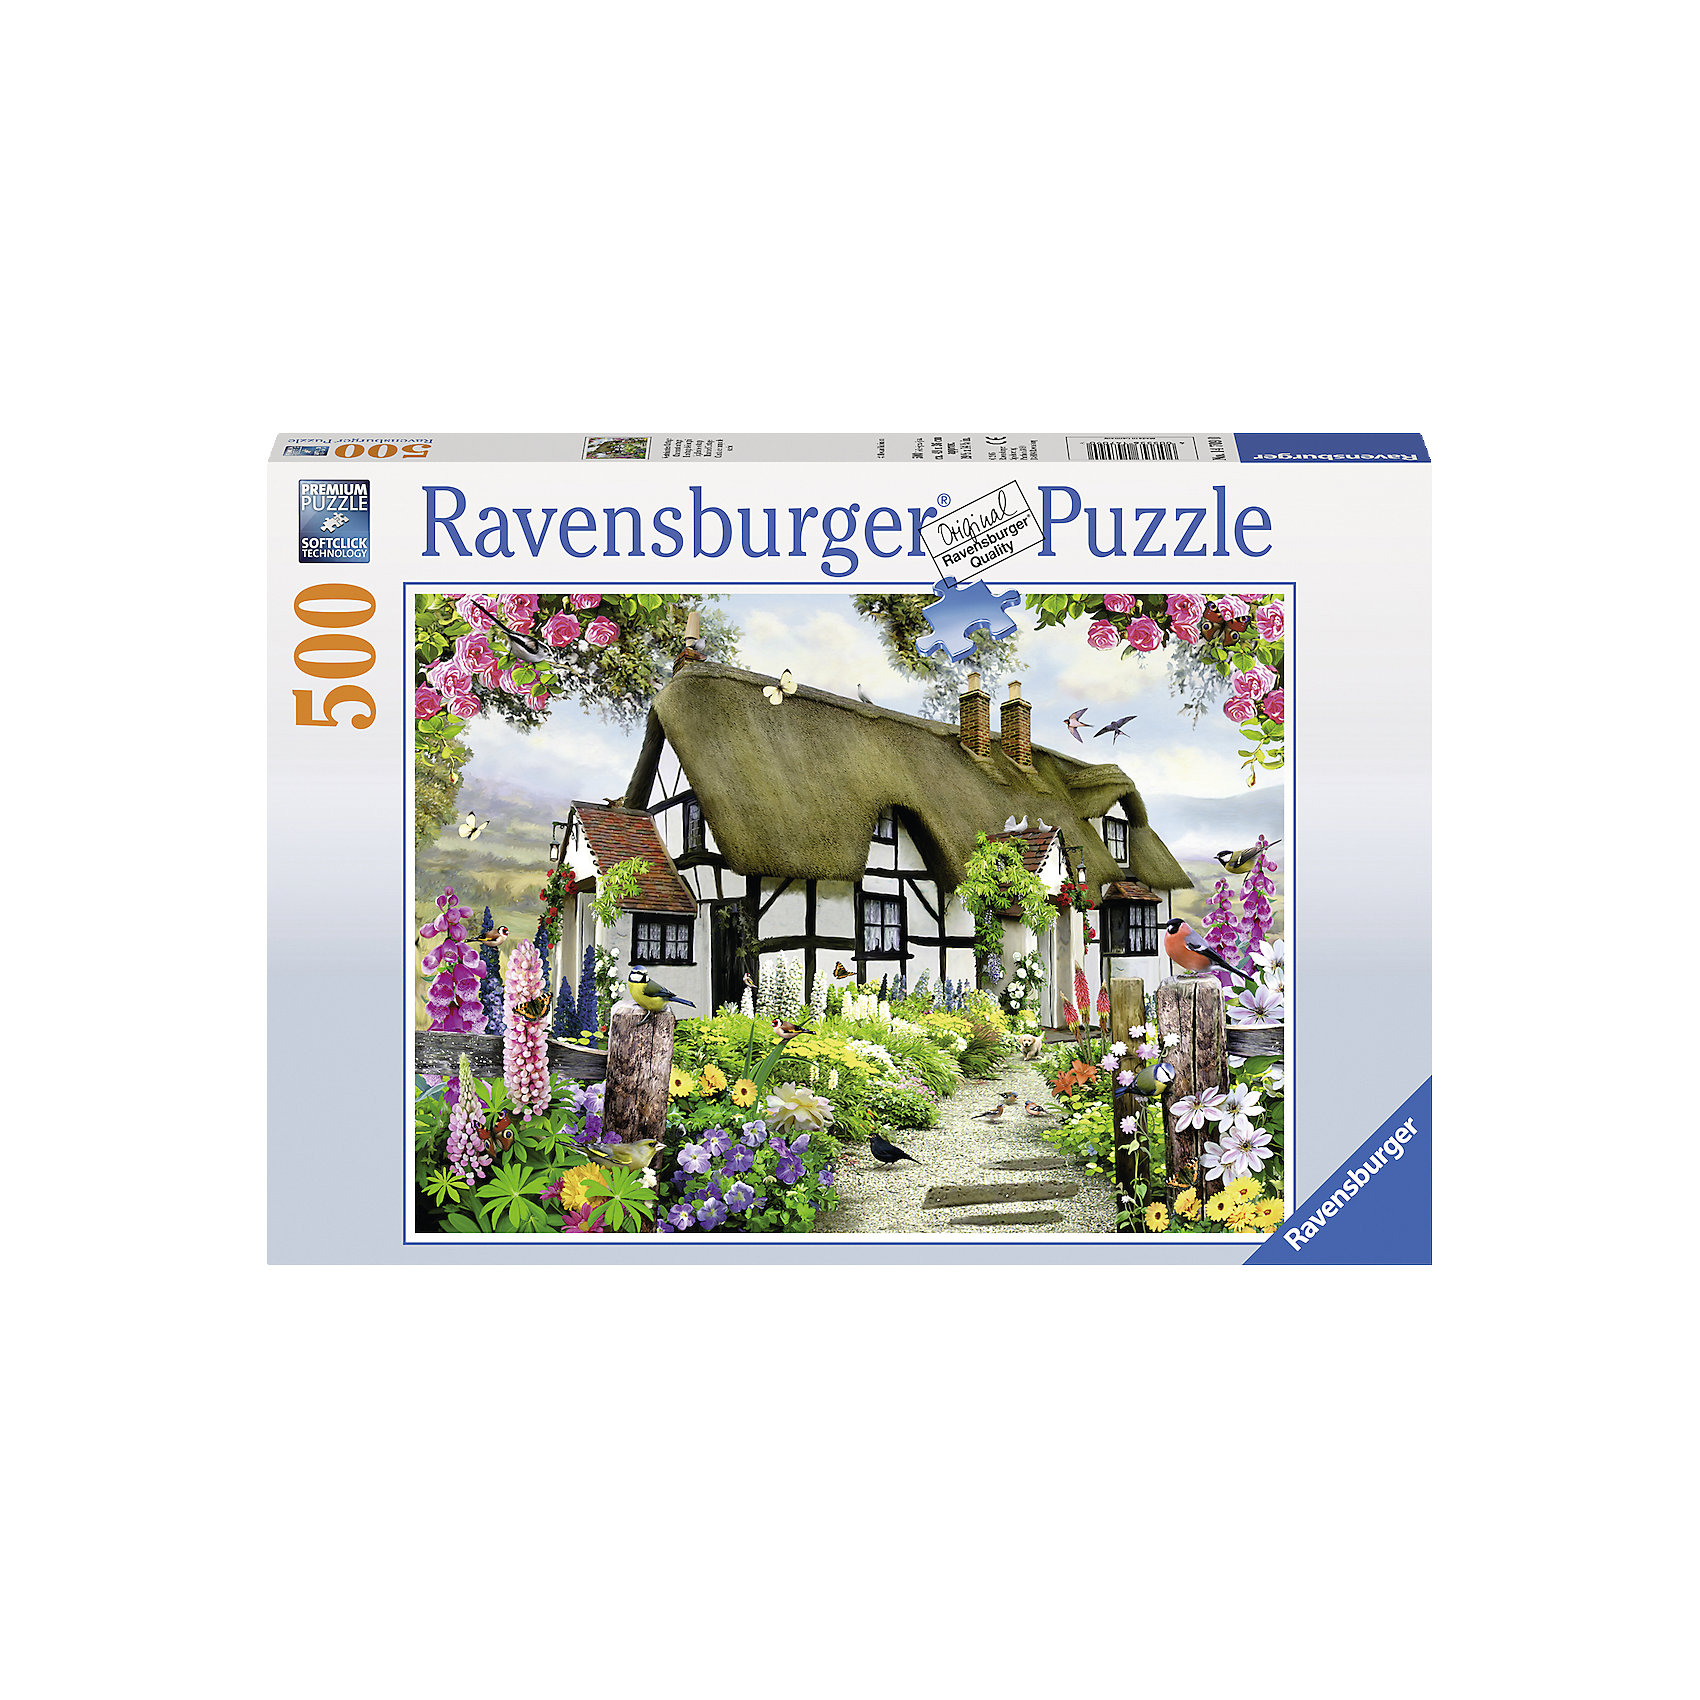 Пазл «Дом мечты», 500 деталей, RavensburgerКлассические пазлы<br>Любителям собирать пазлы может понравиться красивая мозаика Дом мечты. Это довольно большой пазл, собрать который смогут дети от 9 лет. Он состоит из 500 элементов, большое количество которых представляют растительность. Готовая картина представляет собой белоснежный дом с оригинальной крышей, стоящий в окружении яркой зелени и красивых цветов. Все детали очень качественные и не будут расклеиваться при использовании.<br>В товар входит:<br>-500 деталей<br><br>Дополнительная информация:<br>-Размер картинки 61*46 см <br>-Размер упаковки 33*23*5,5 см <br>-Возраст: от 9 лет<br>-Для девочек и мальчиков<br>-Состав: картон, бумага<br>-Бренд: Ravensburger (Равенсбургер)<br>-Страна обладатель бренда: Германия<br><br>Ширина мм: 335<br>Глубина мм: 231<br>Высота мм: 37<br>Вес г: 547<br>Возраст от месяцев: 108<br>Возраст до месяцев: 228<br>Пол: Унисекс<br>Возраст: Детский<br>Количество деталей: 500<br>SKU: 4441716